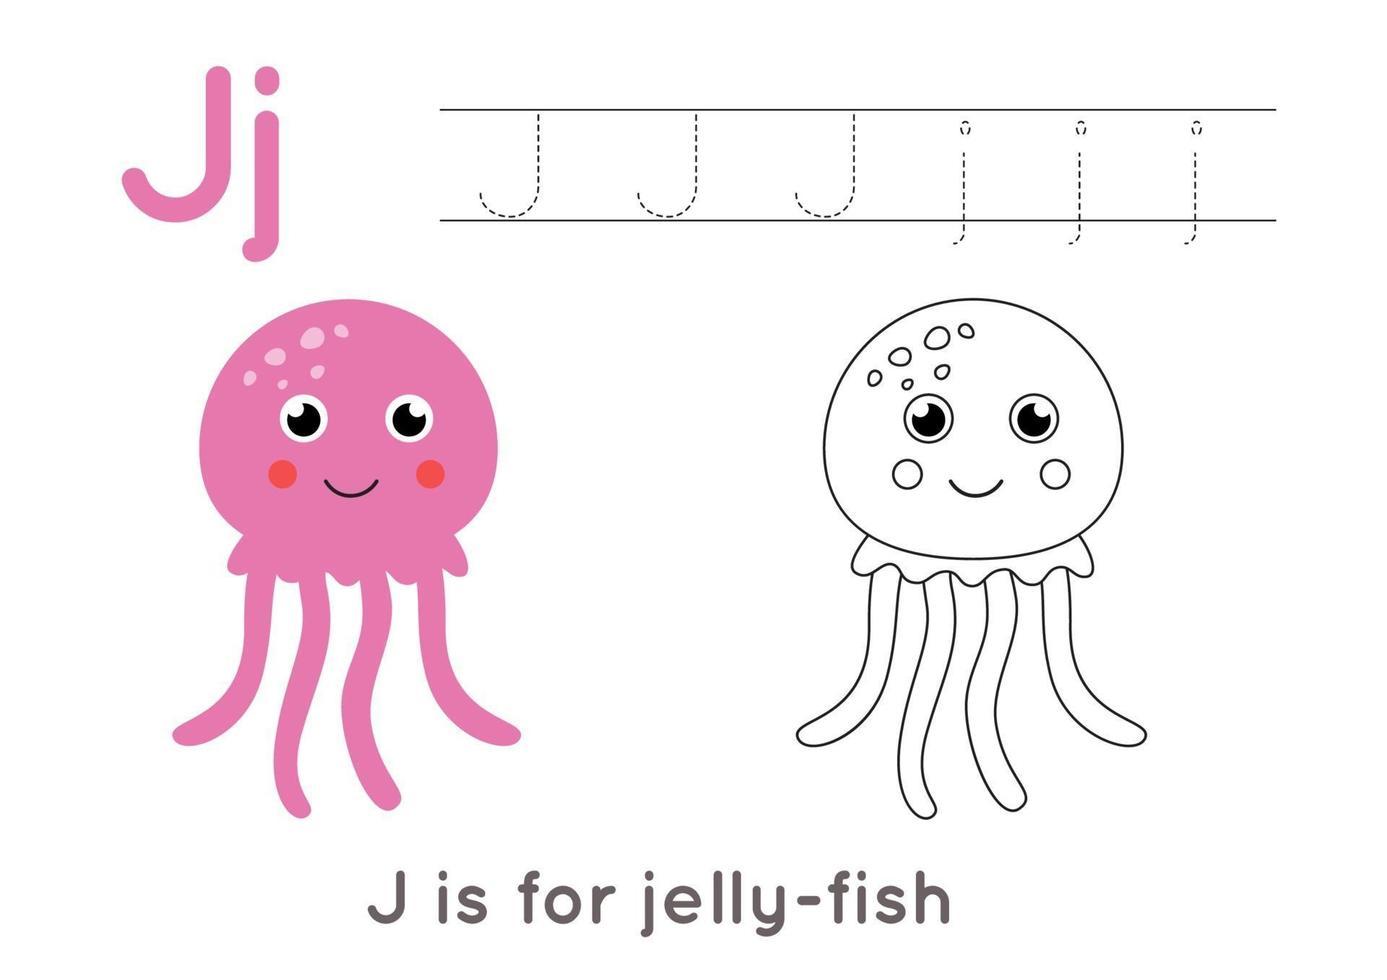 kleur- en tracering pagina met letter j en schattige cartoon kwallen. vector